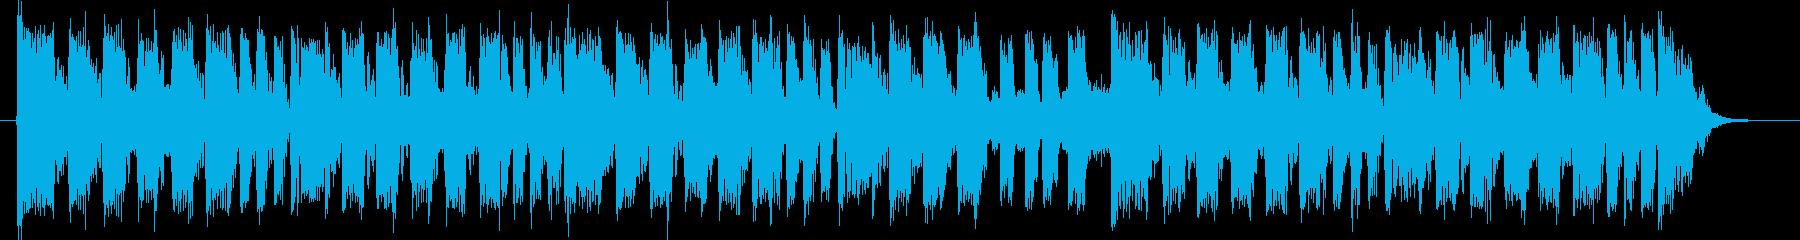 緩やかで神秘的なテクノポップジングルの再生済みの波形